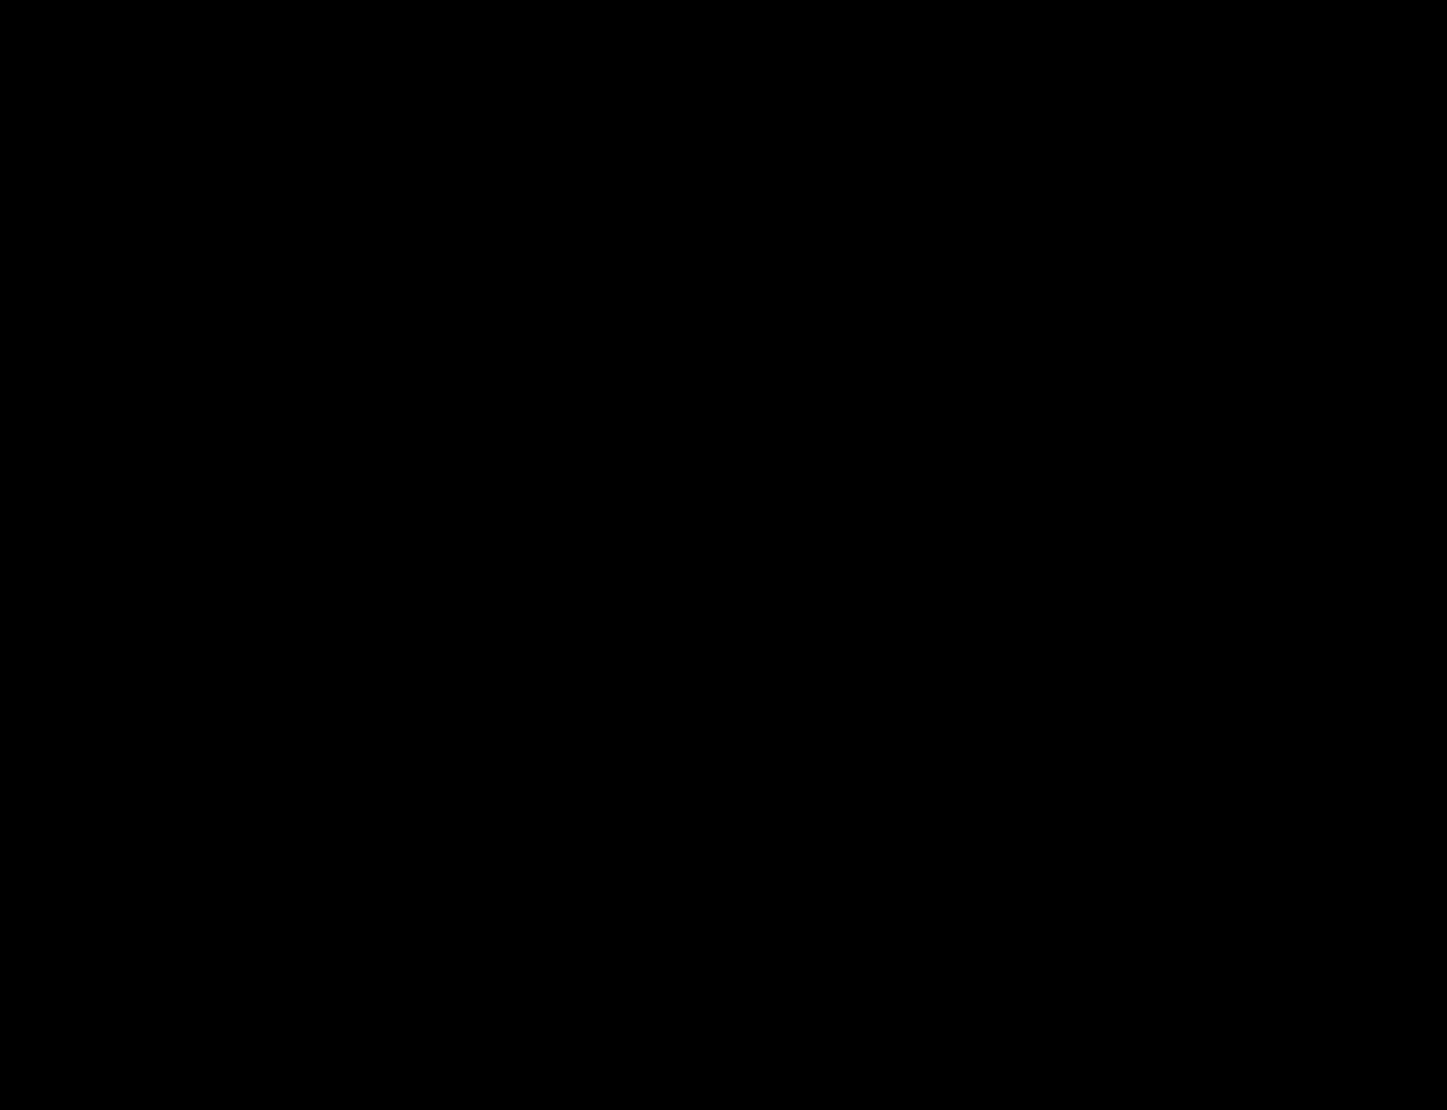 5-Amino-3-methylisothiazole-4-carboxylic Acid